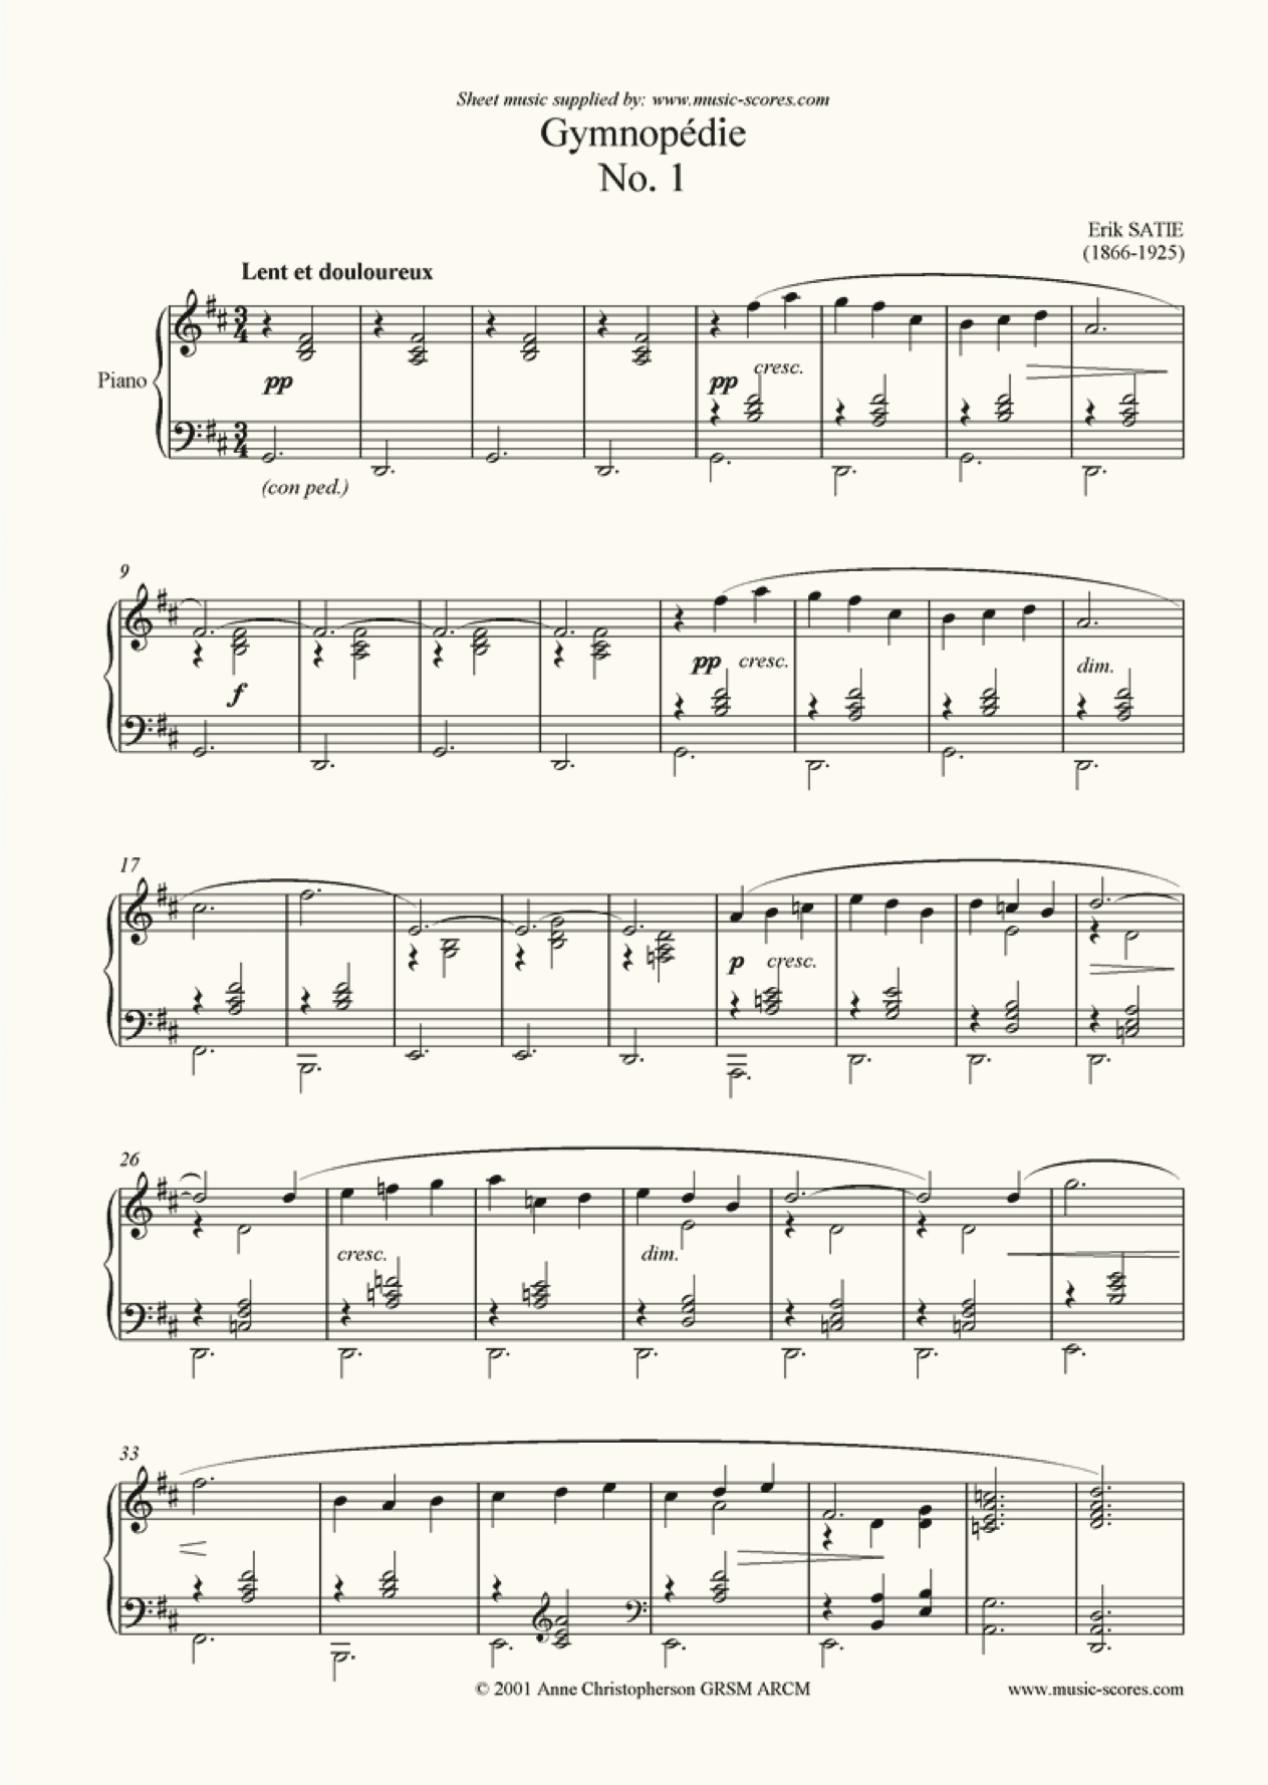 Erik Satie's Gymnopedie 1.